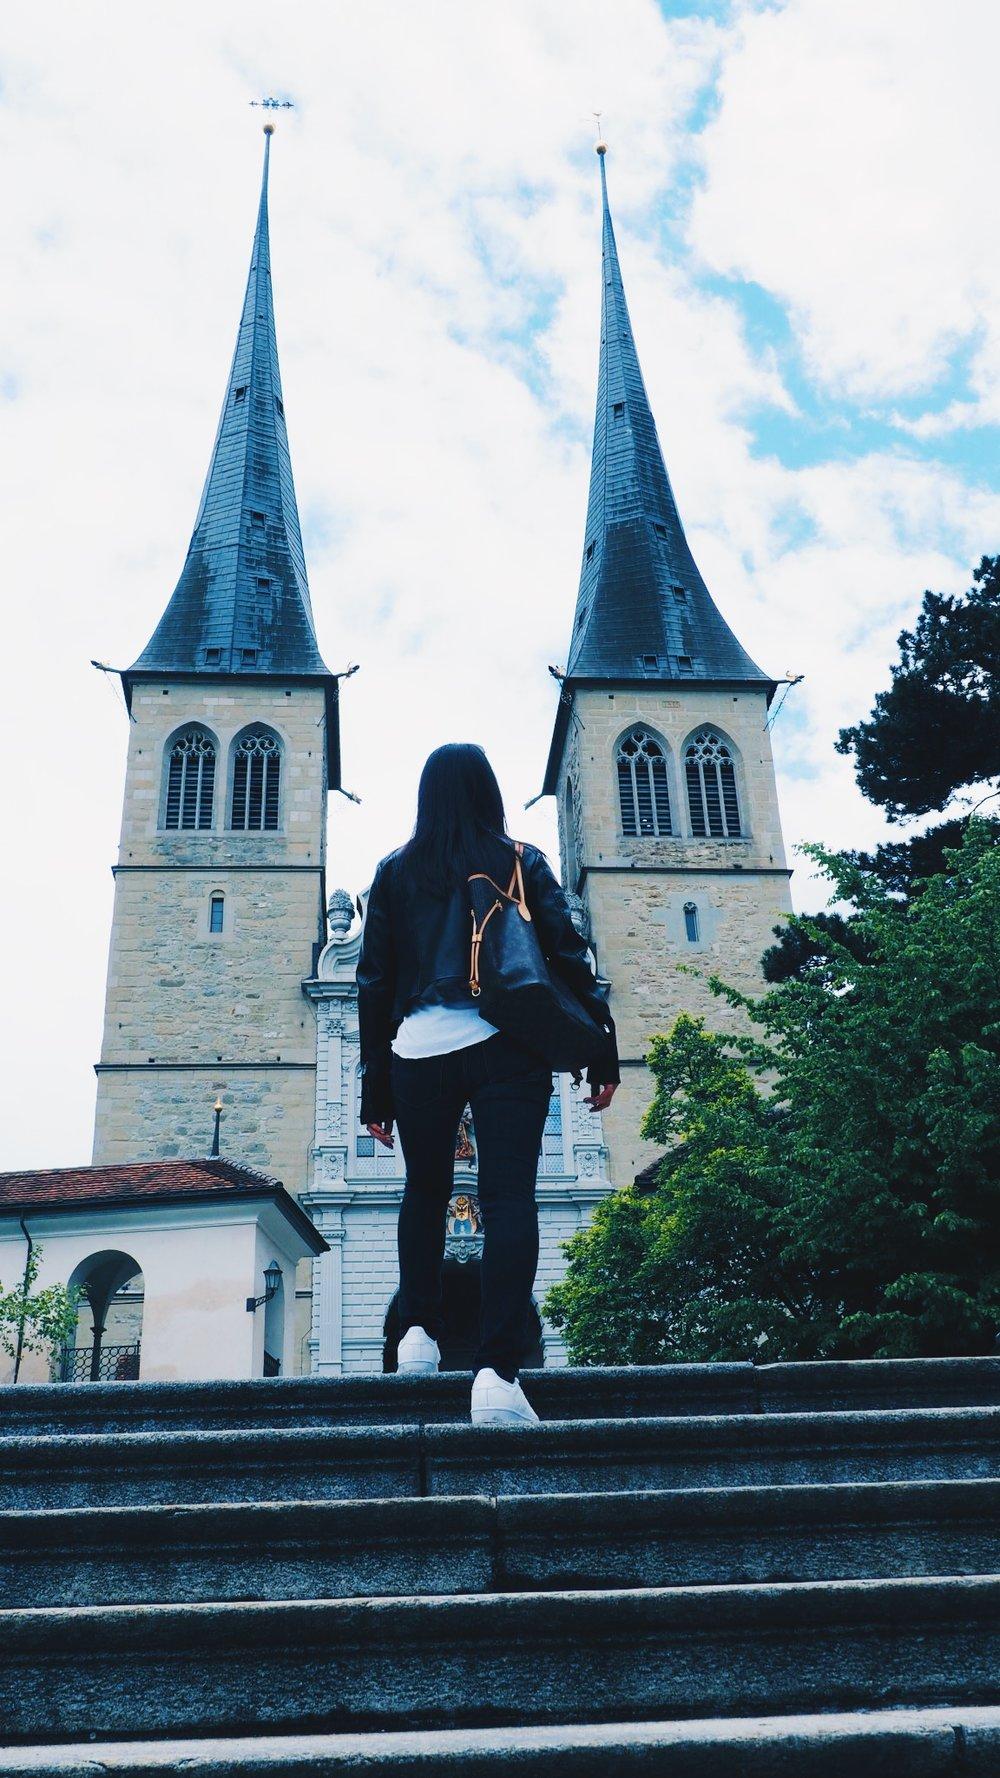 A church in Luzerne